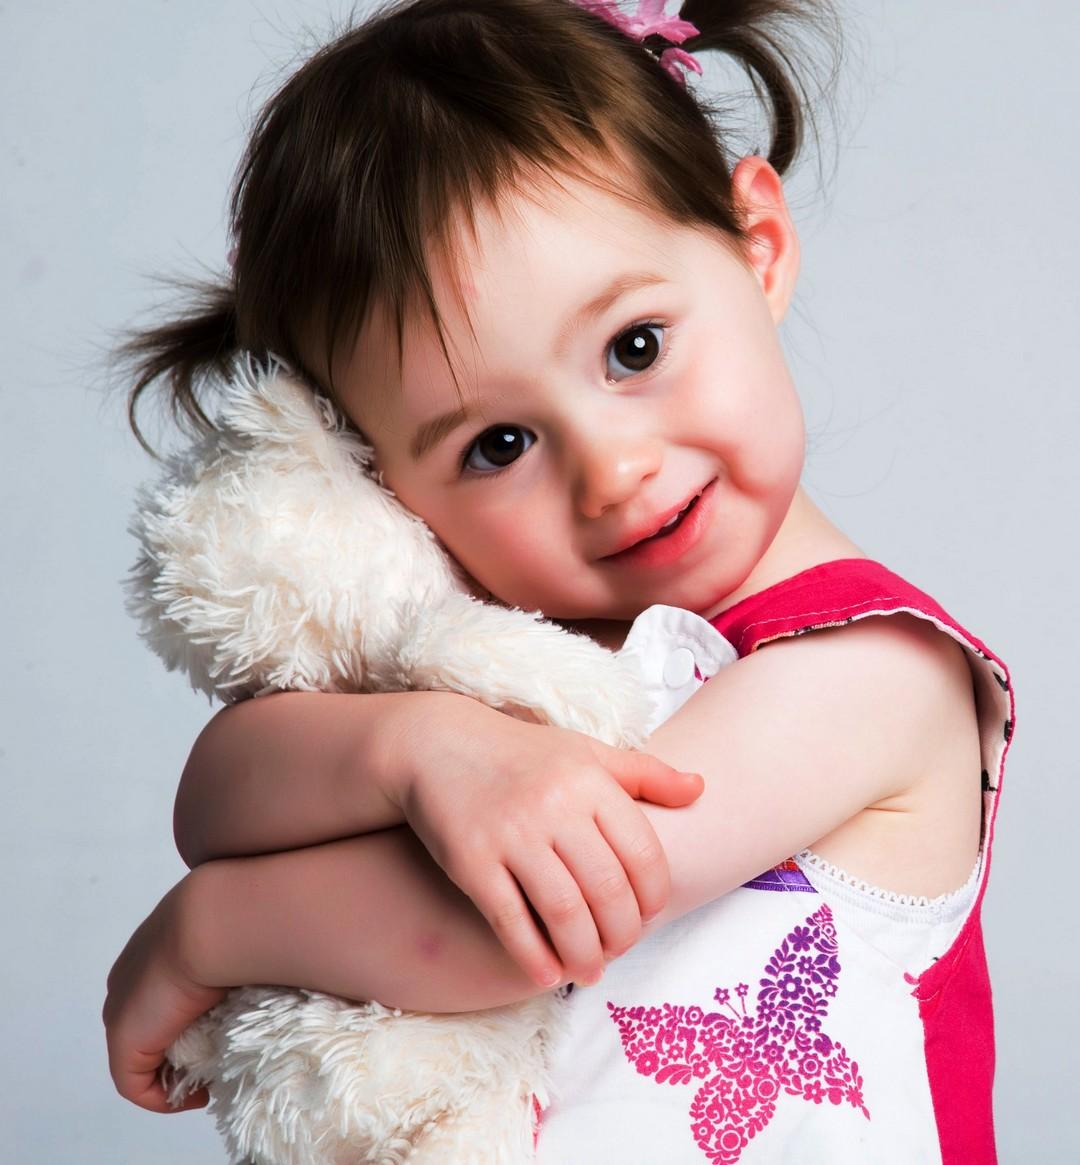 اجمل صور اطفال لطيفه 15